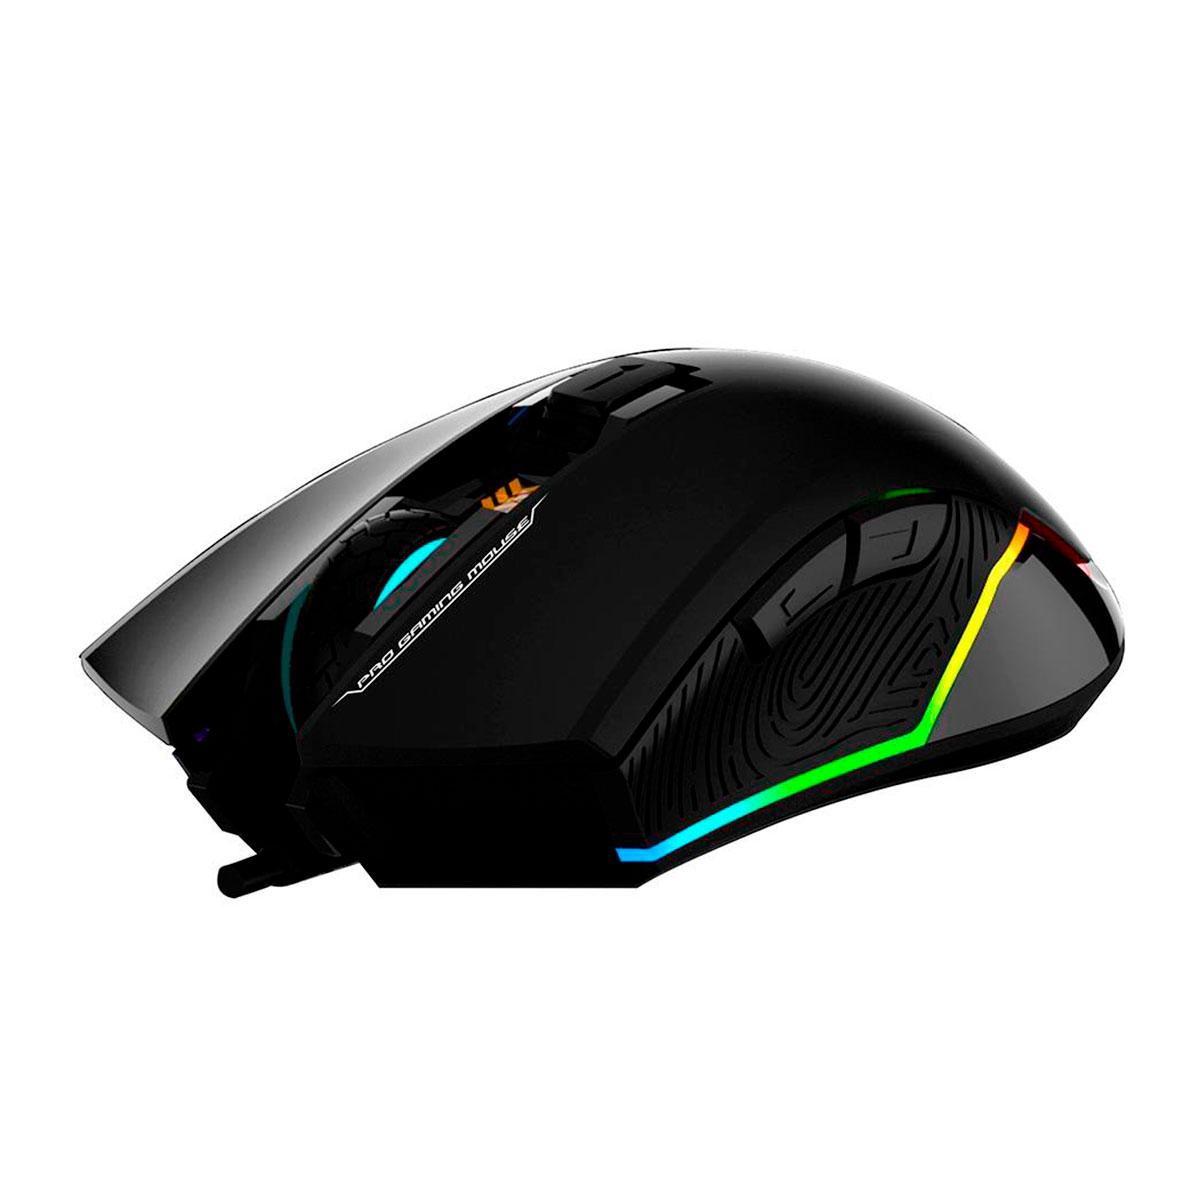 Mouse Gamer HP G360, USB, 6200DPI, LED, Preto